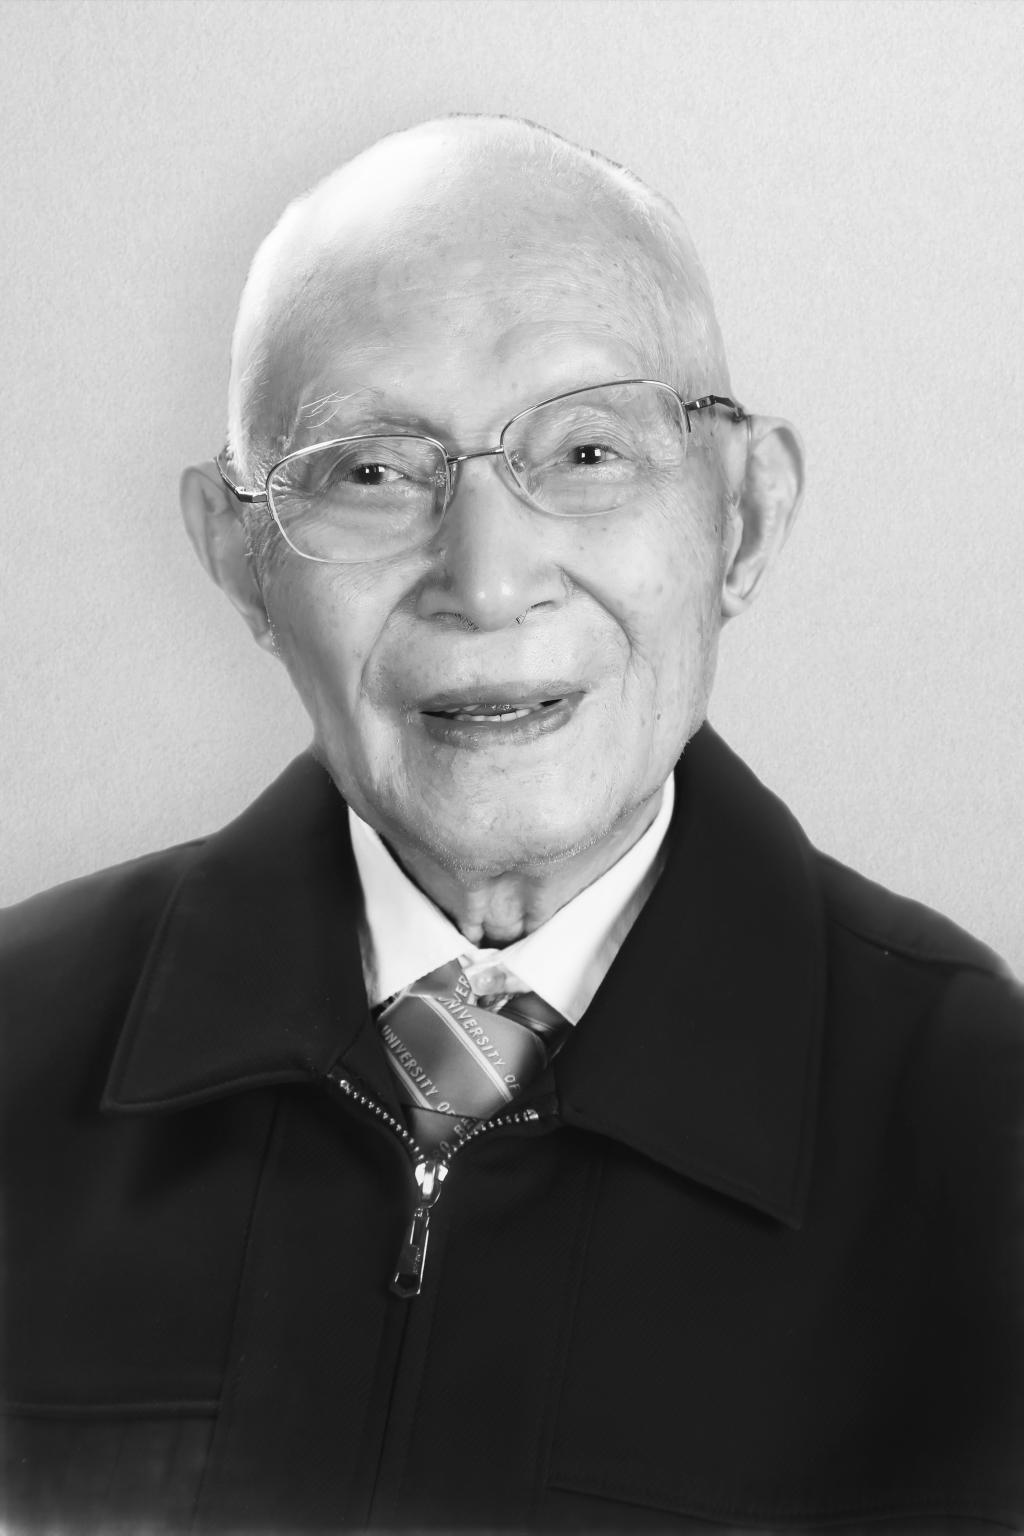 61年前他研制出我國首架無人機 在今年國慶當日逝世